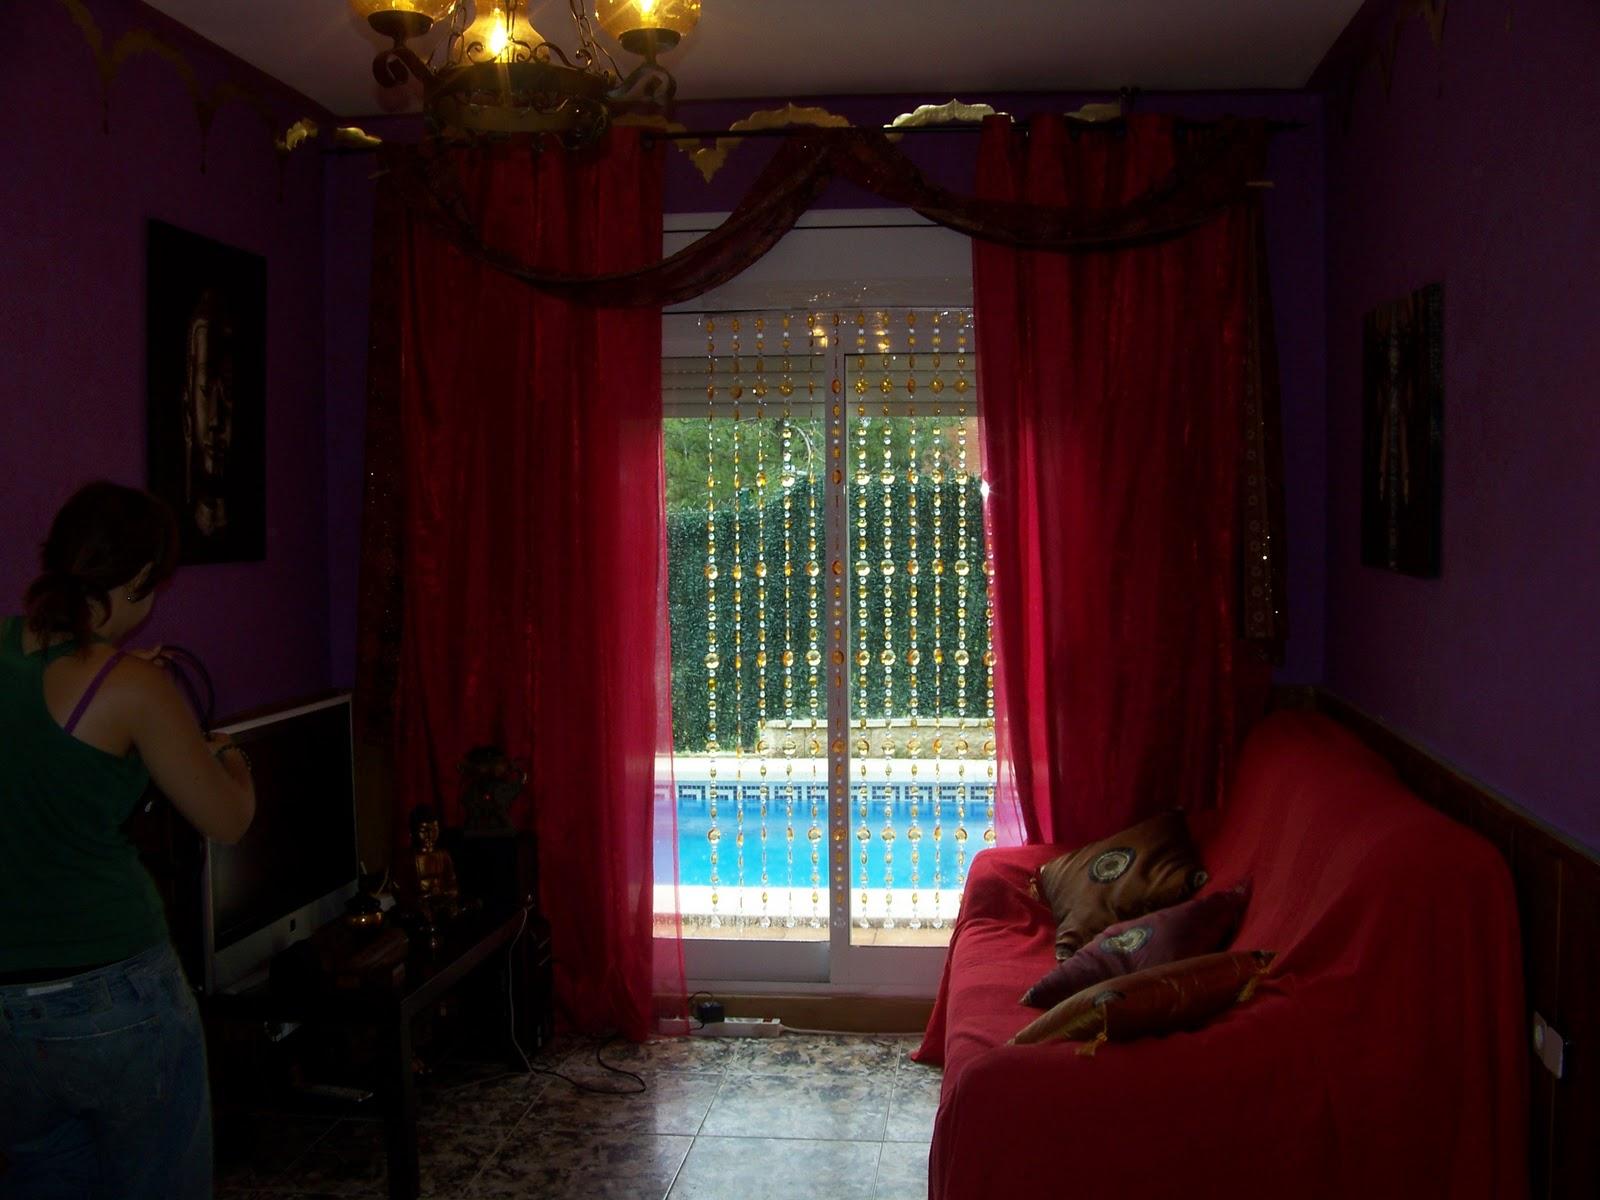 Creativitat en moviment decoraci n habitaci n de inspiraci n ind - Decoracion indu ...